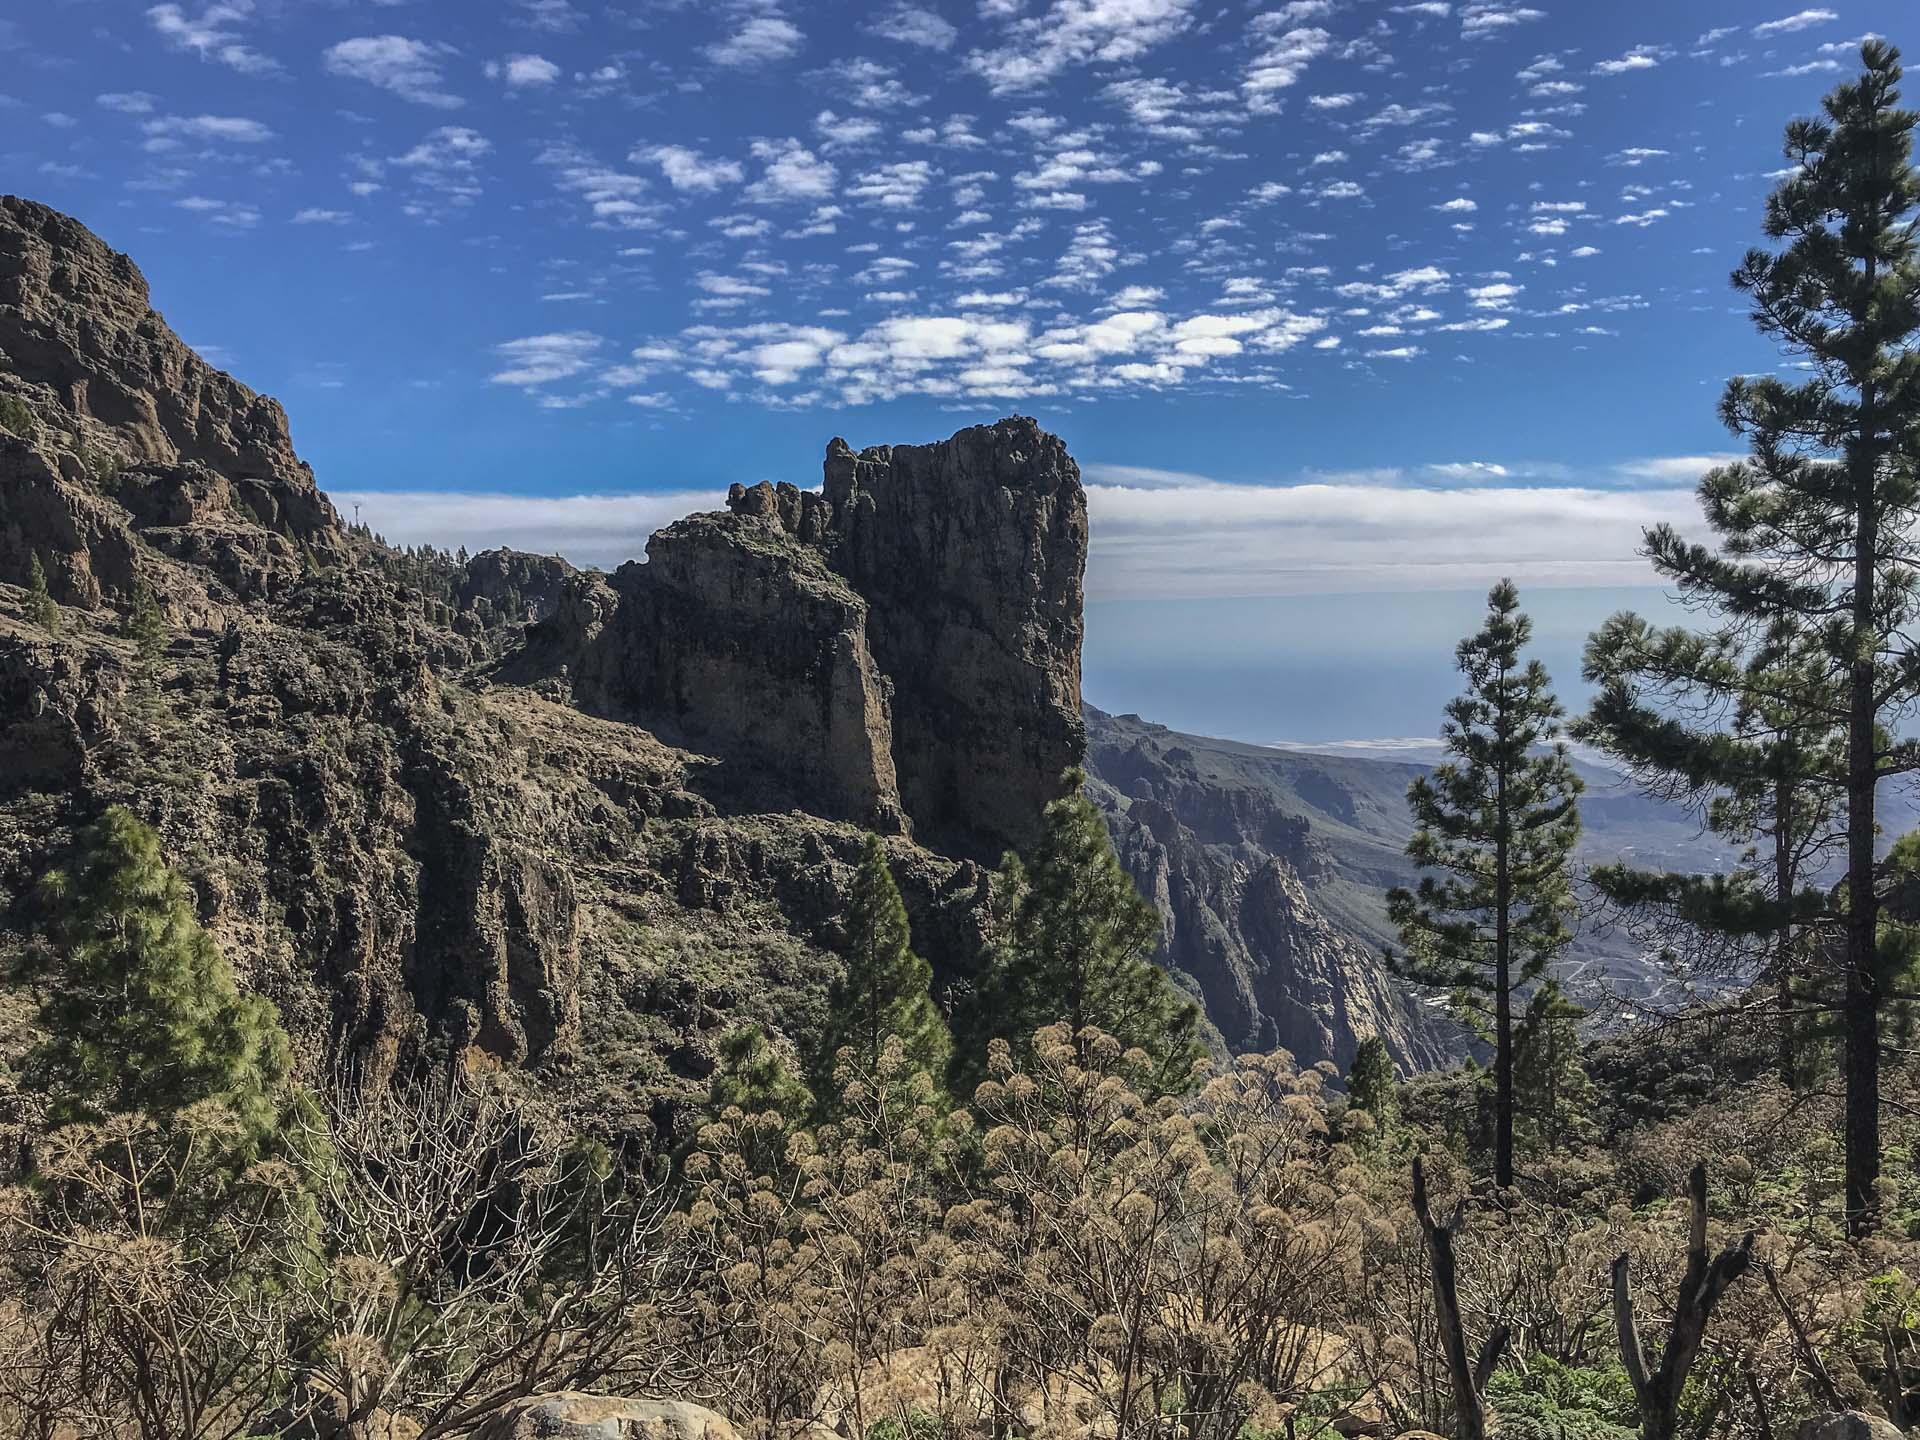 Puolentoista kilometrin korkeudelta näkee kirkkaalla säällä Tenerifan rannikon ja Teide-vuoren.